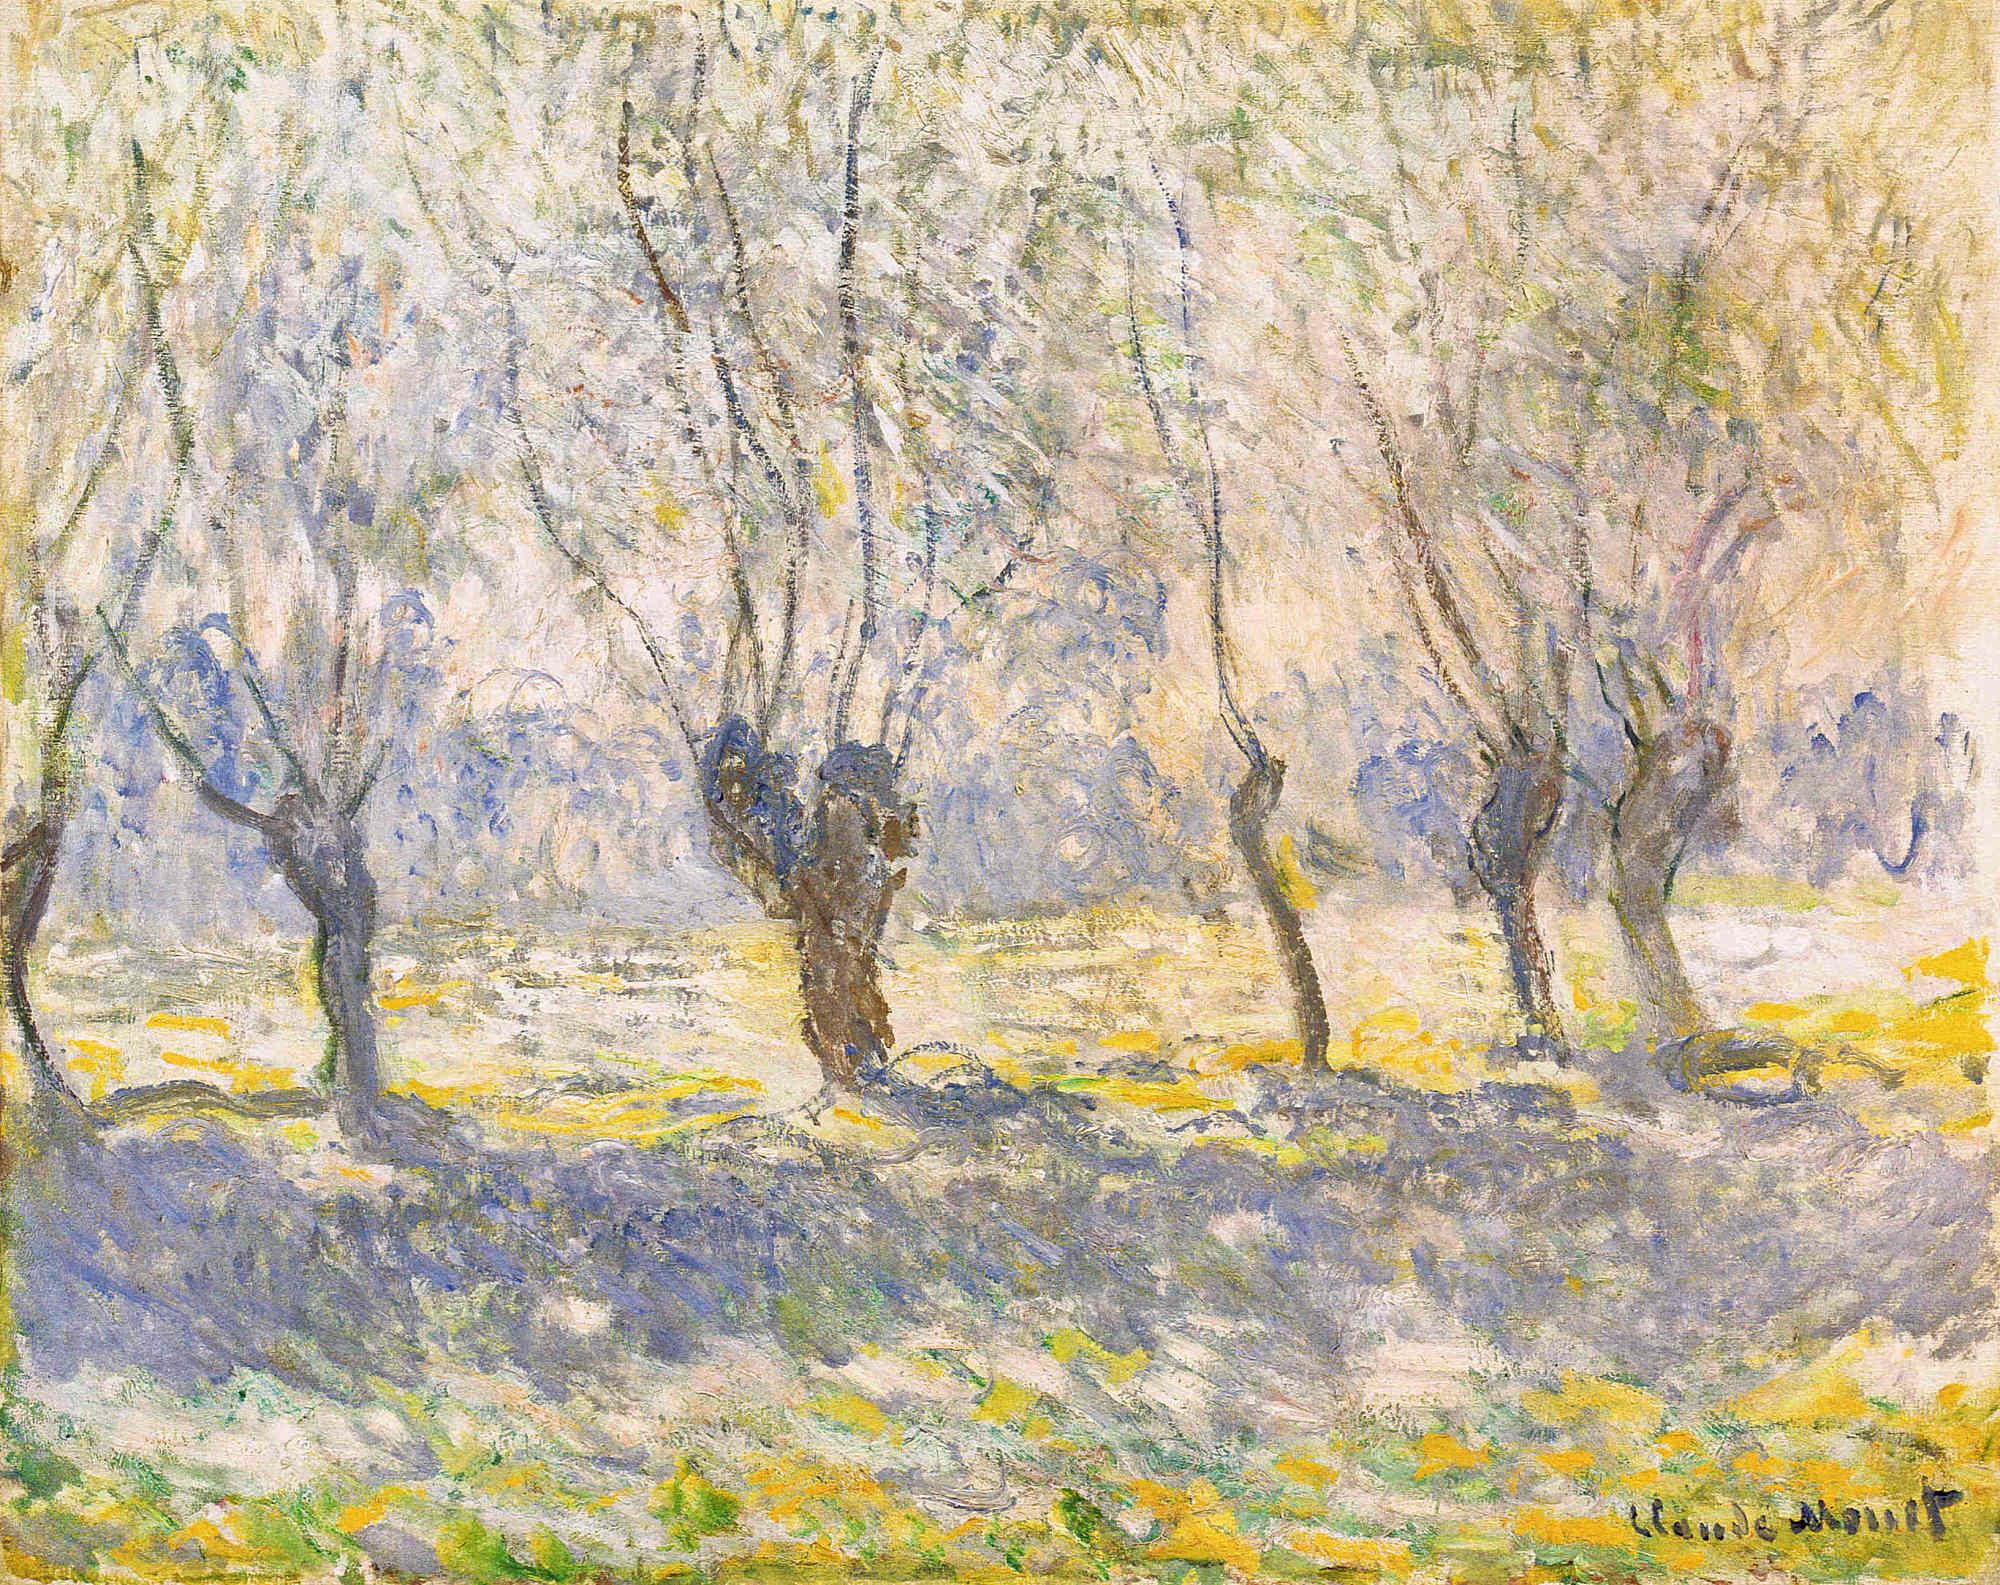 Claude Monet Kanvas Tablo Burada - Baskıloji || Online Baskı Merkez, Online  Kanvas Tablo, Fotoğraf, Şeffaf Film, Poster Baskıları